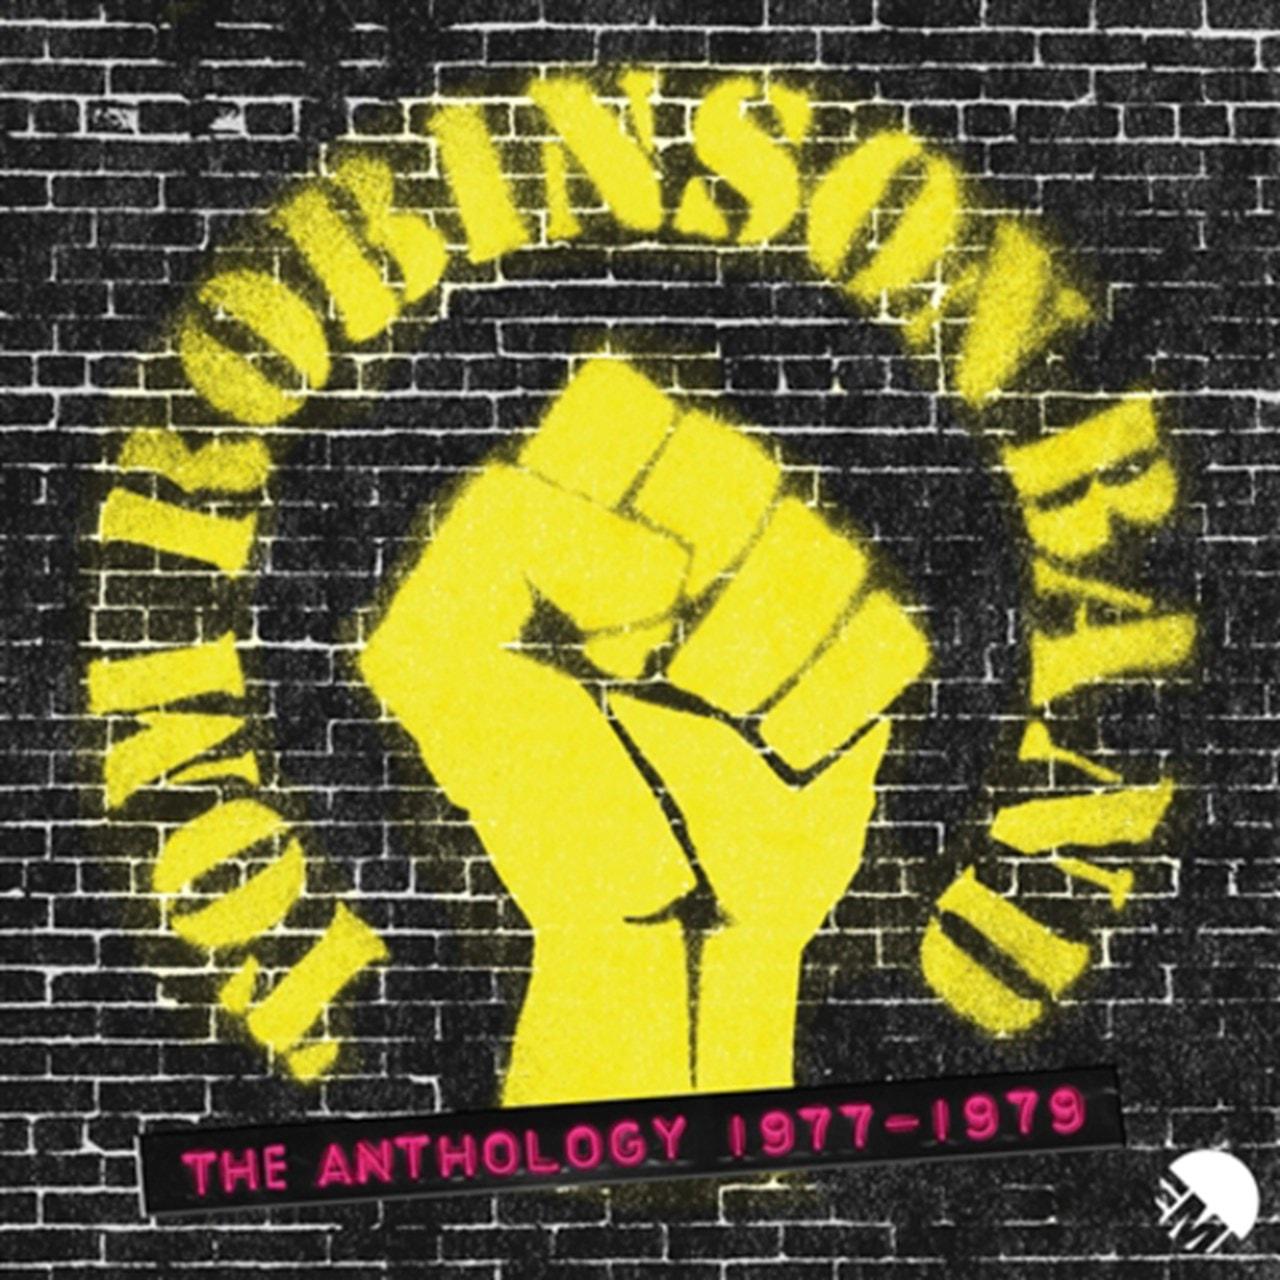 The Anthology: 1977-1979 - 1